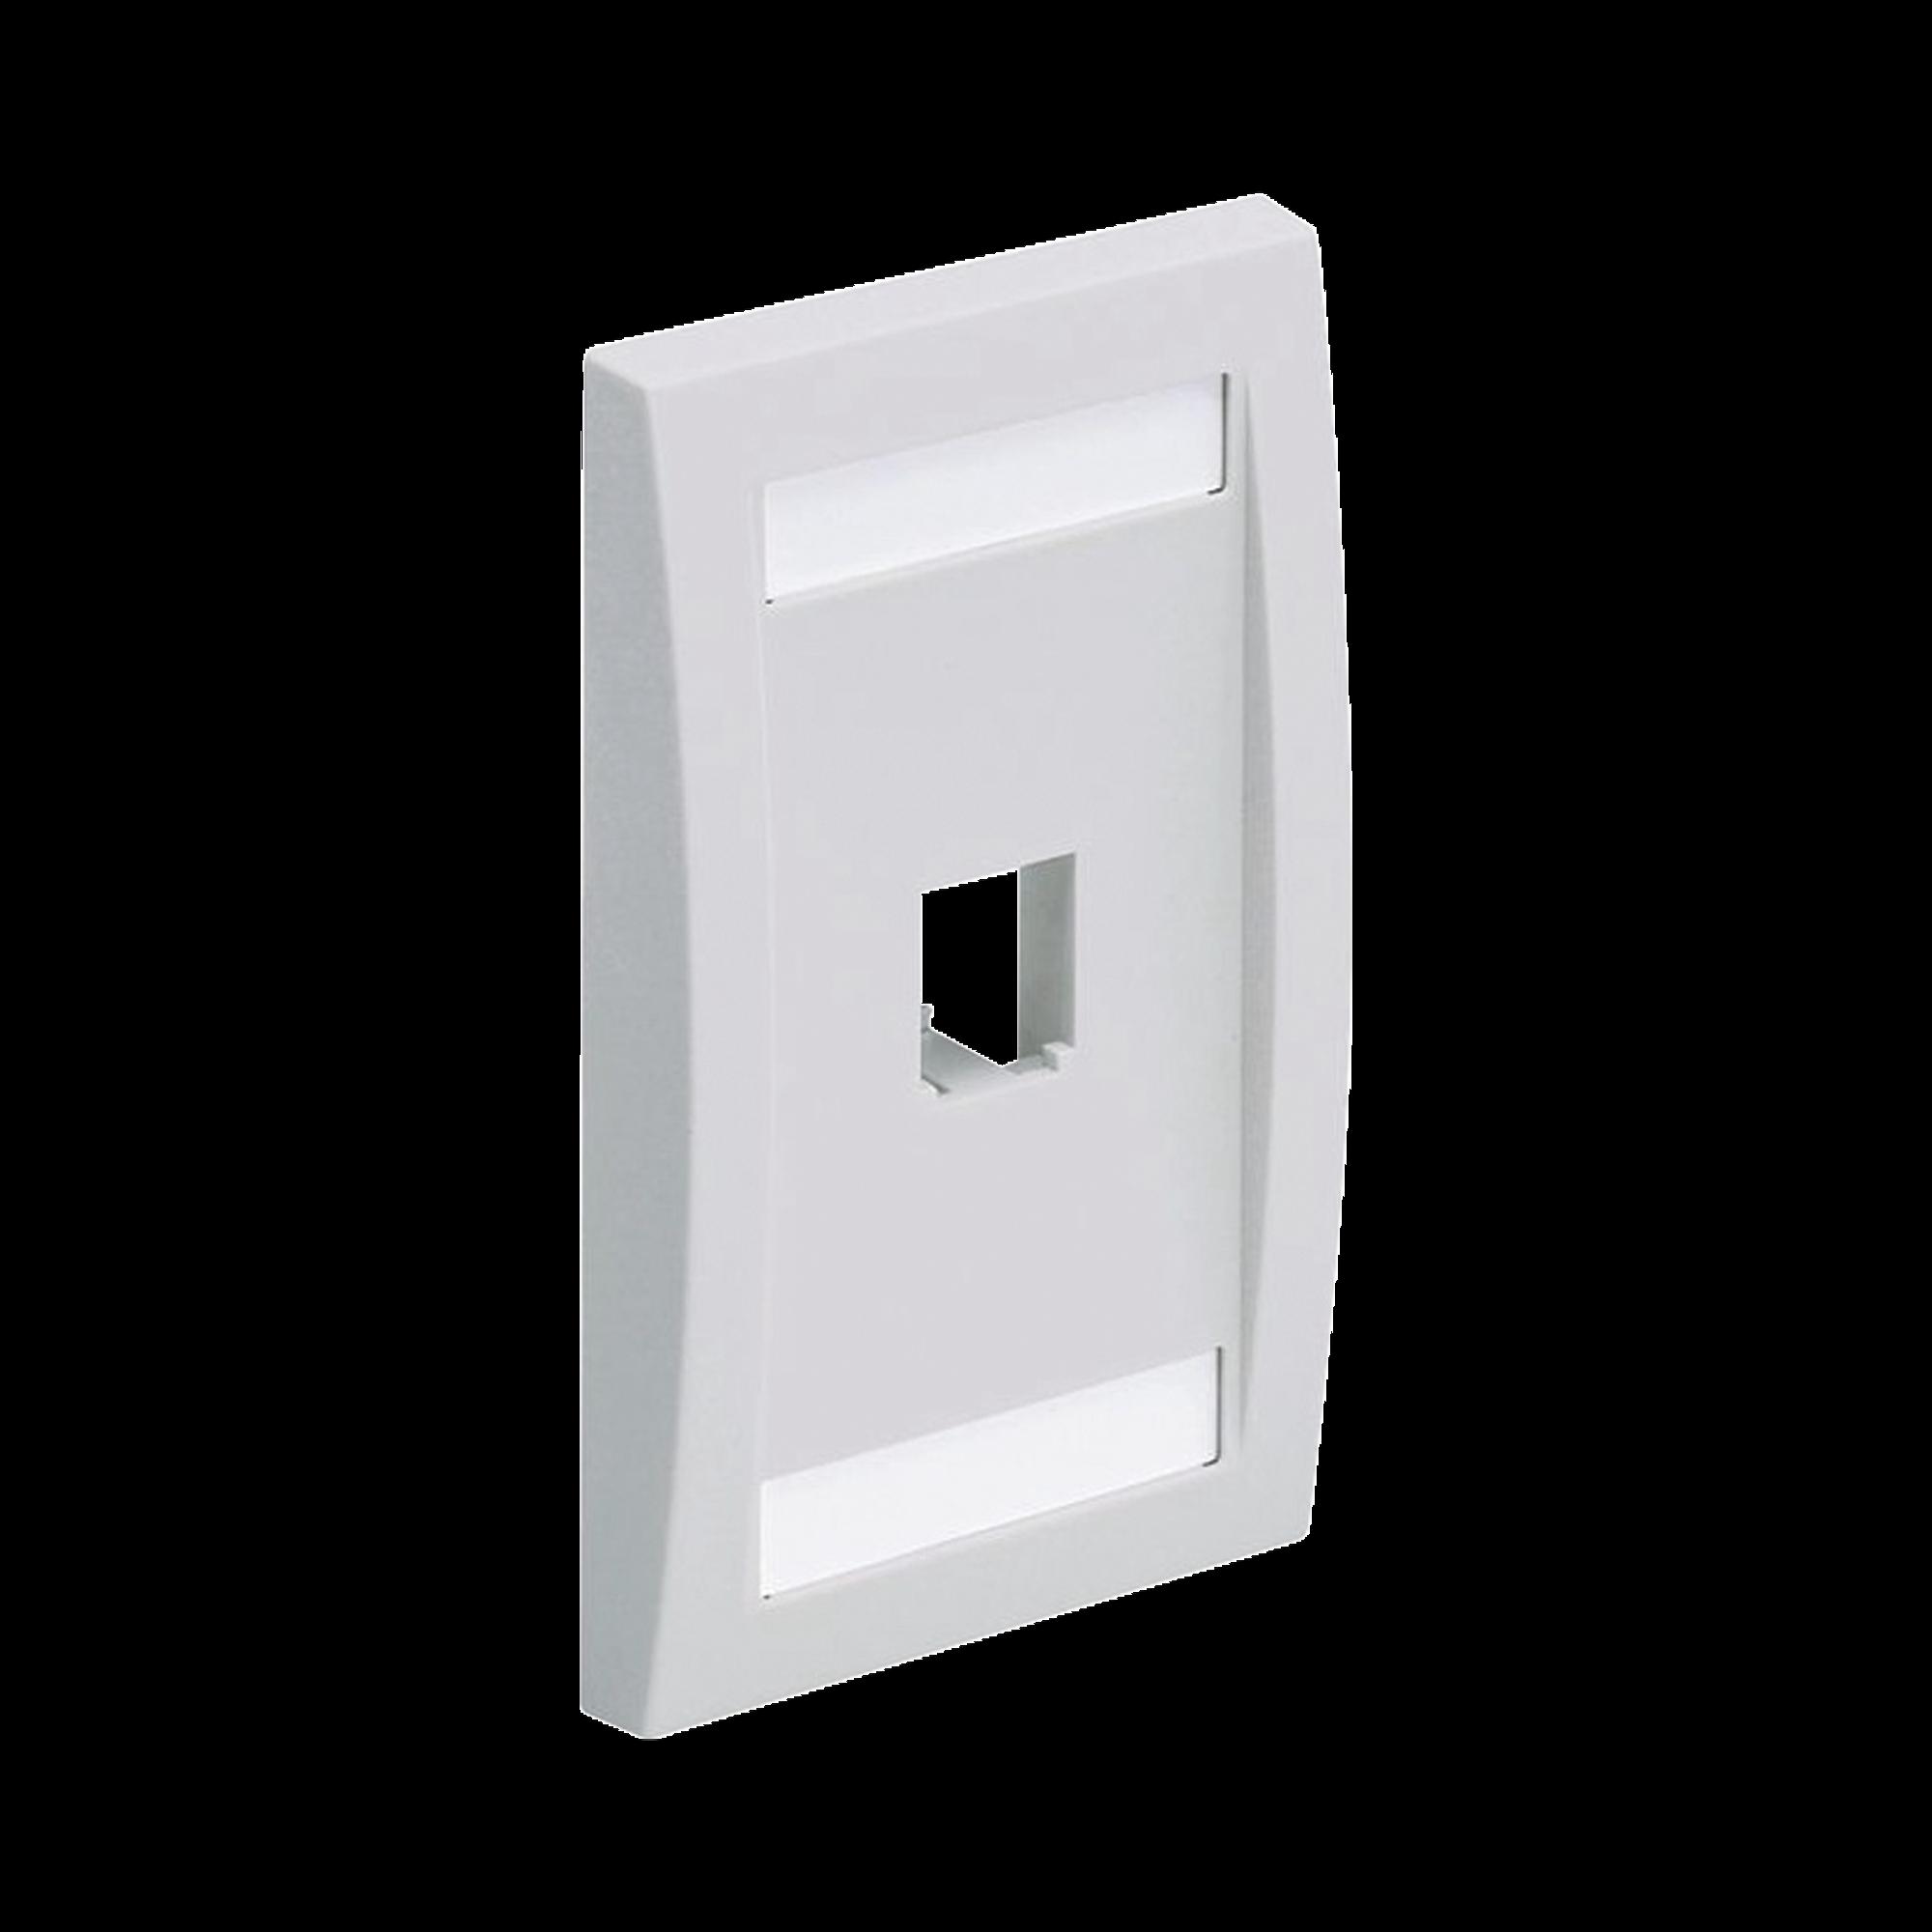 Placa de Pared Vertical Ejecutiva, Salida Para 1 Puerto Mini-Com, Con Espacios Para Etiquetas, Color Blanco